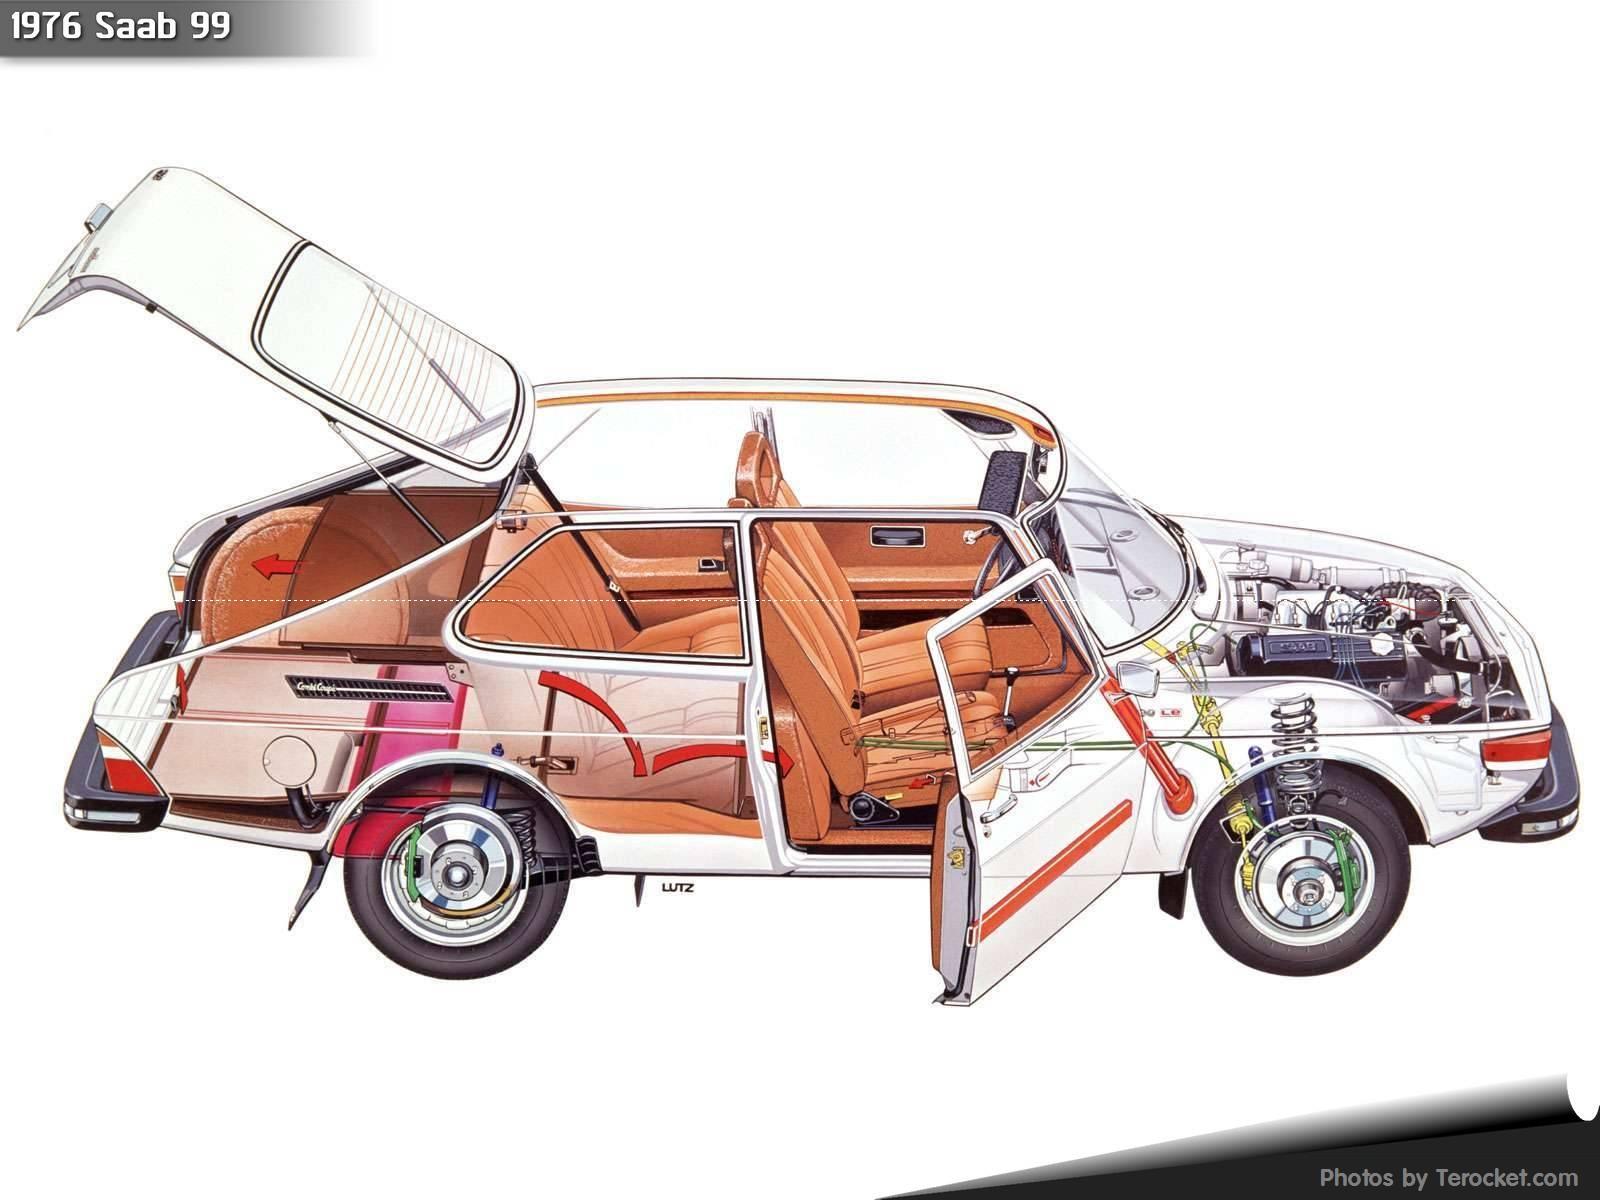 Hình ảnh xe ô tô Saab 99 1976 & nội ngoại thất